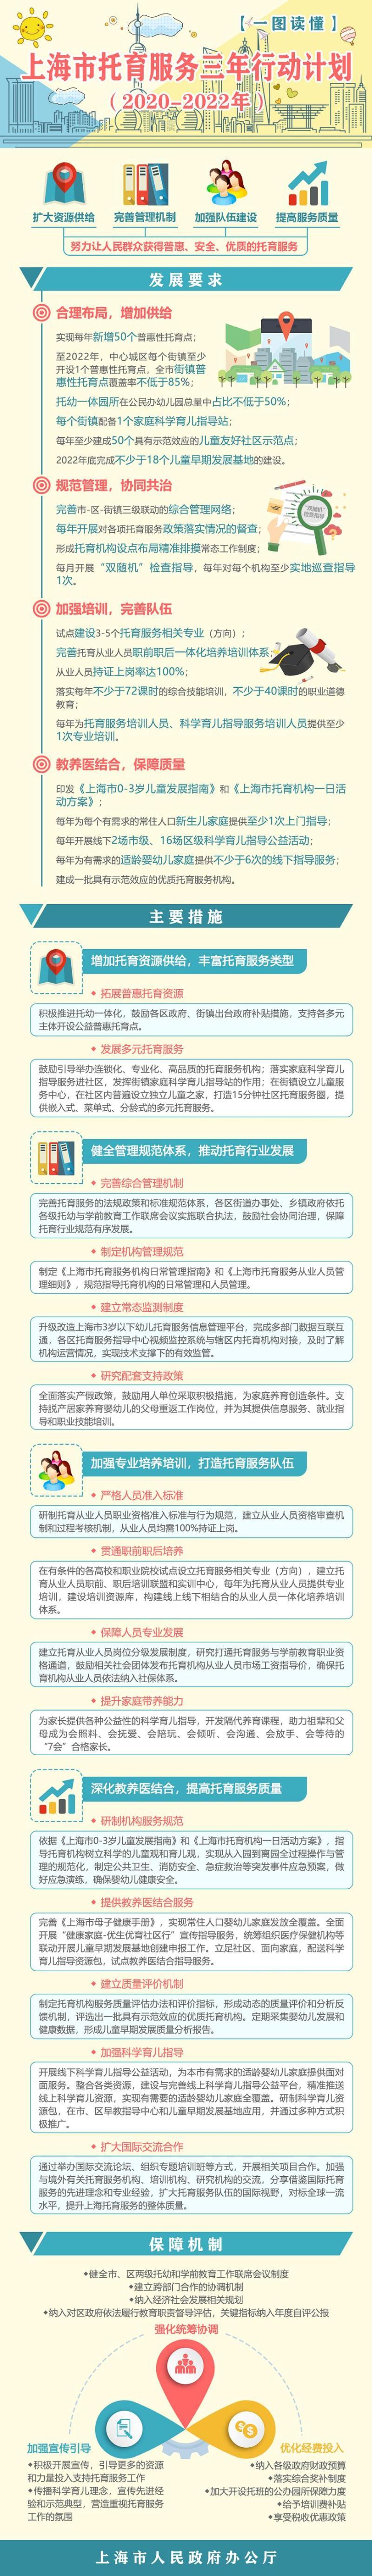 未来三年上海每个街镇建设家庭科学育儿指导站,鼓励院校试点设立托育服务专业